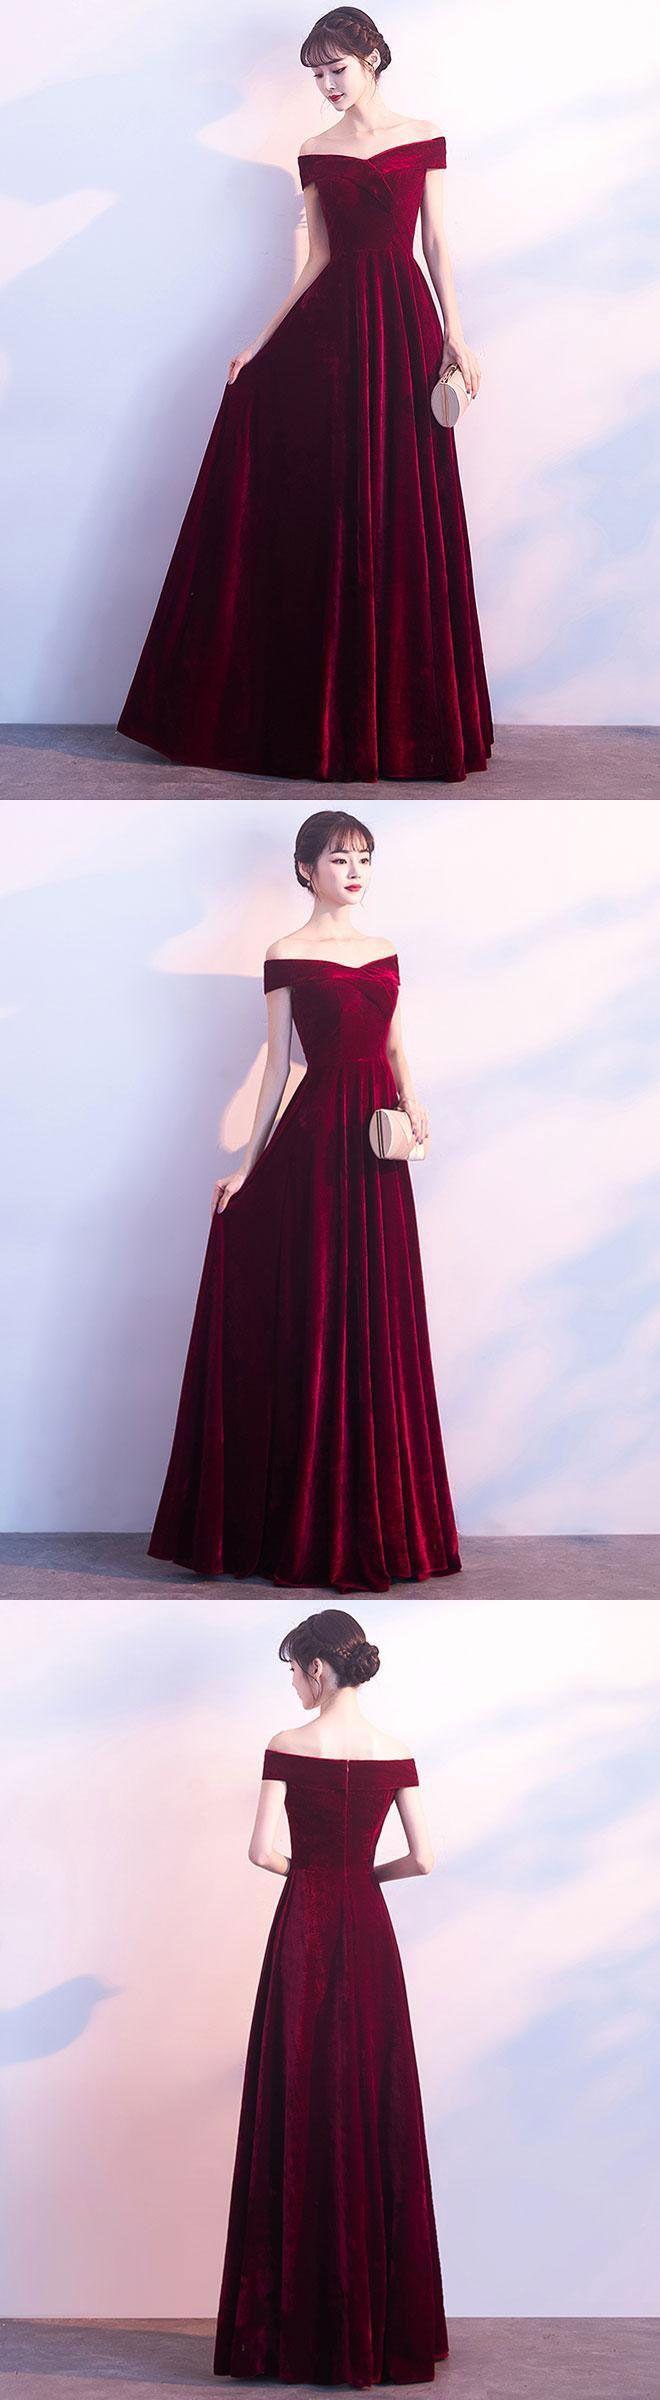 Burgundy v neck velvet long prom dress evening dress formal